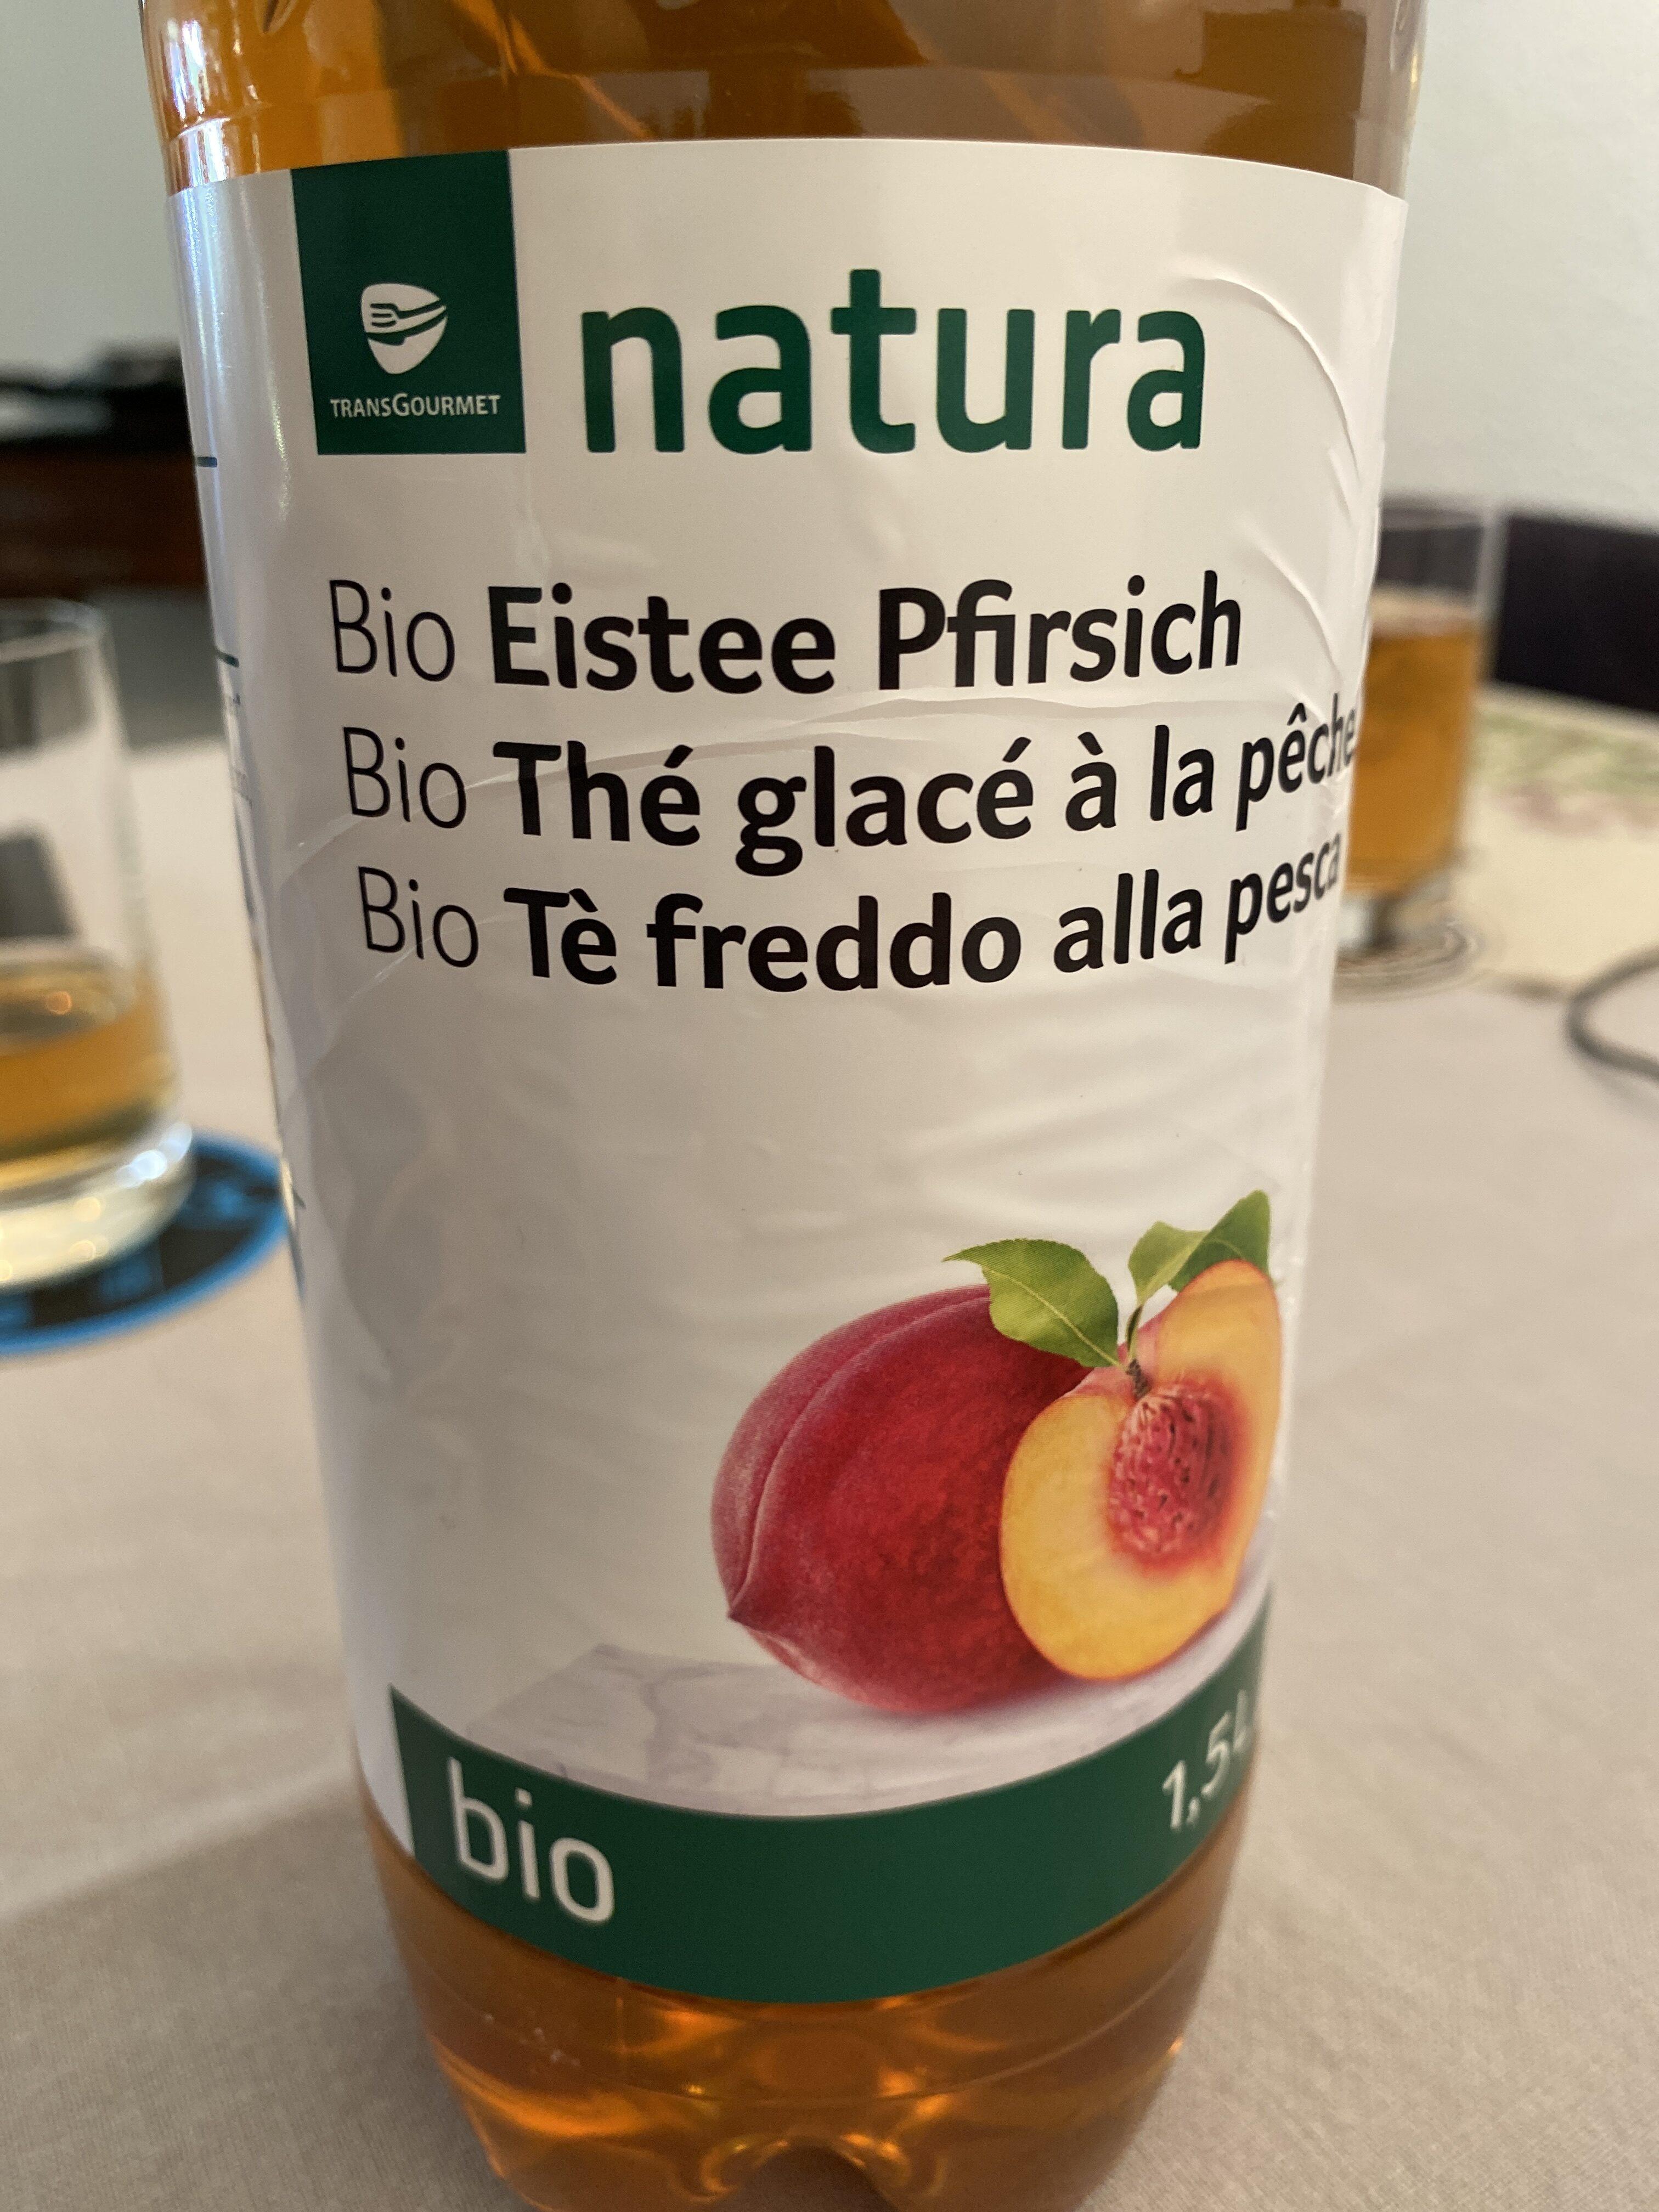 Bio thé glace pêche - Prodotto - fr